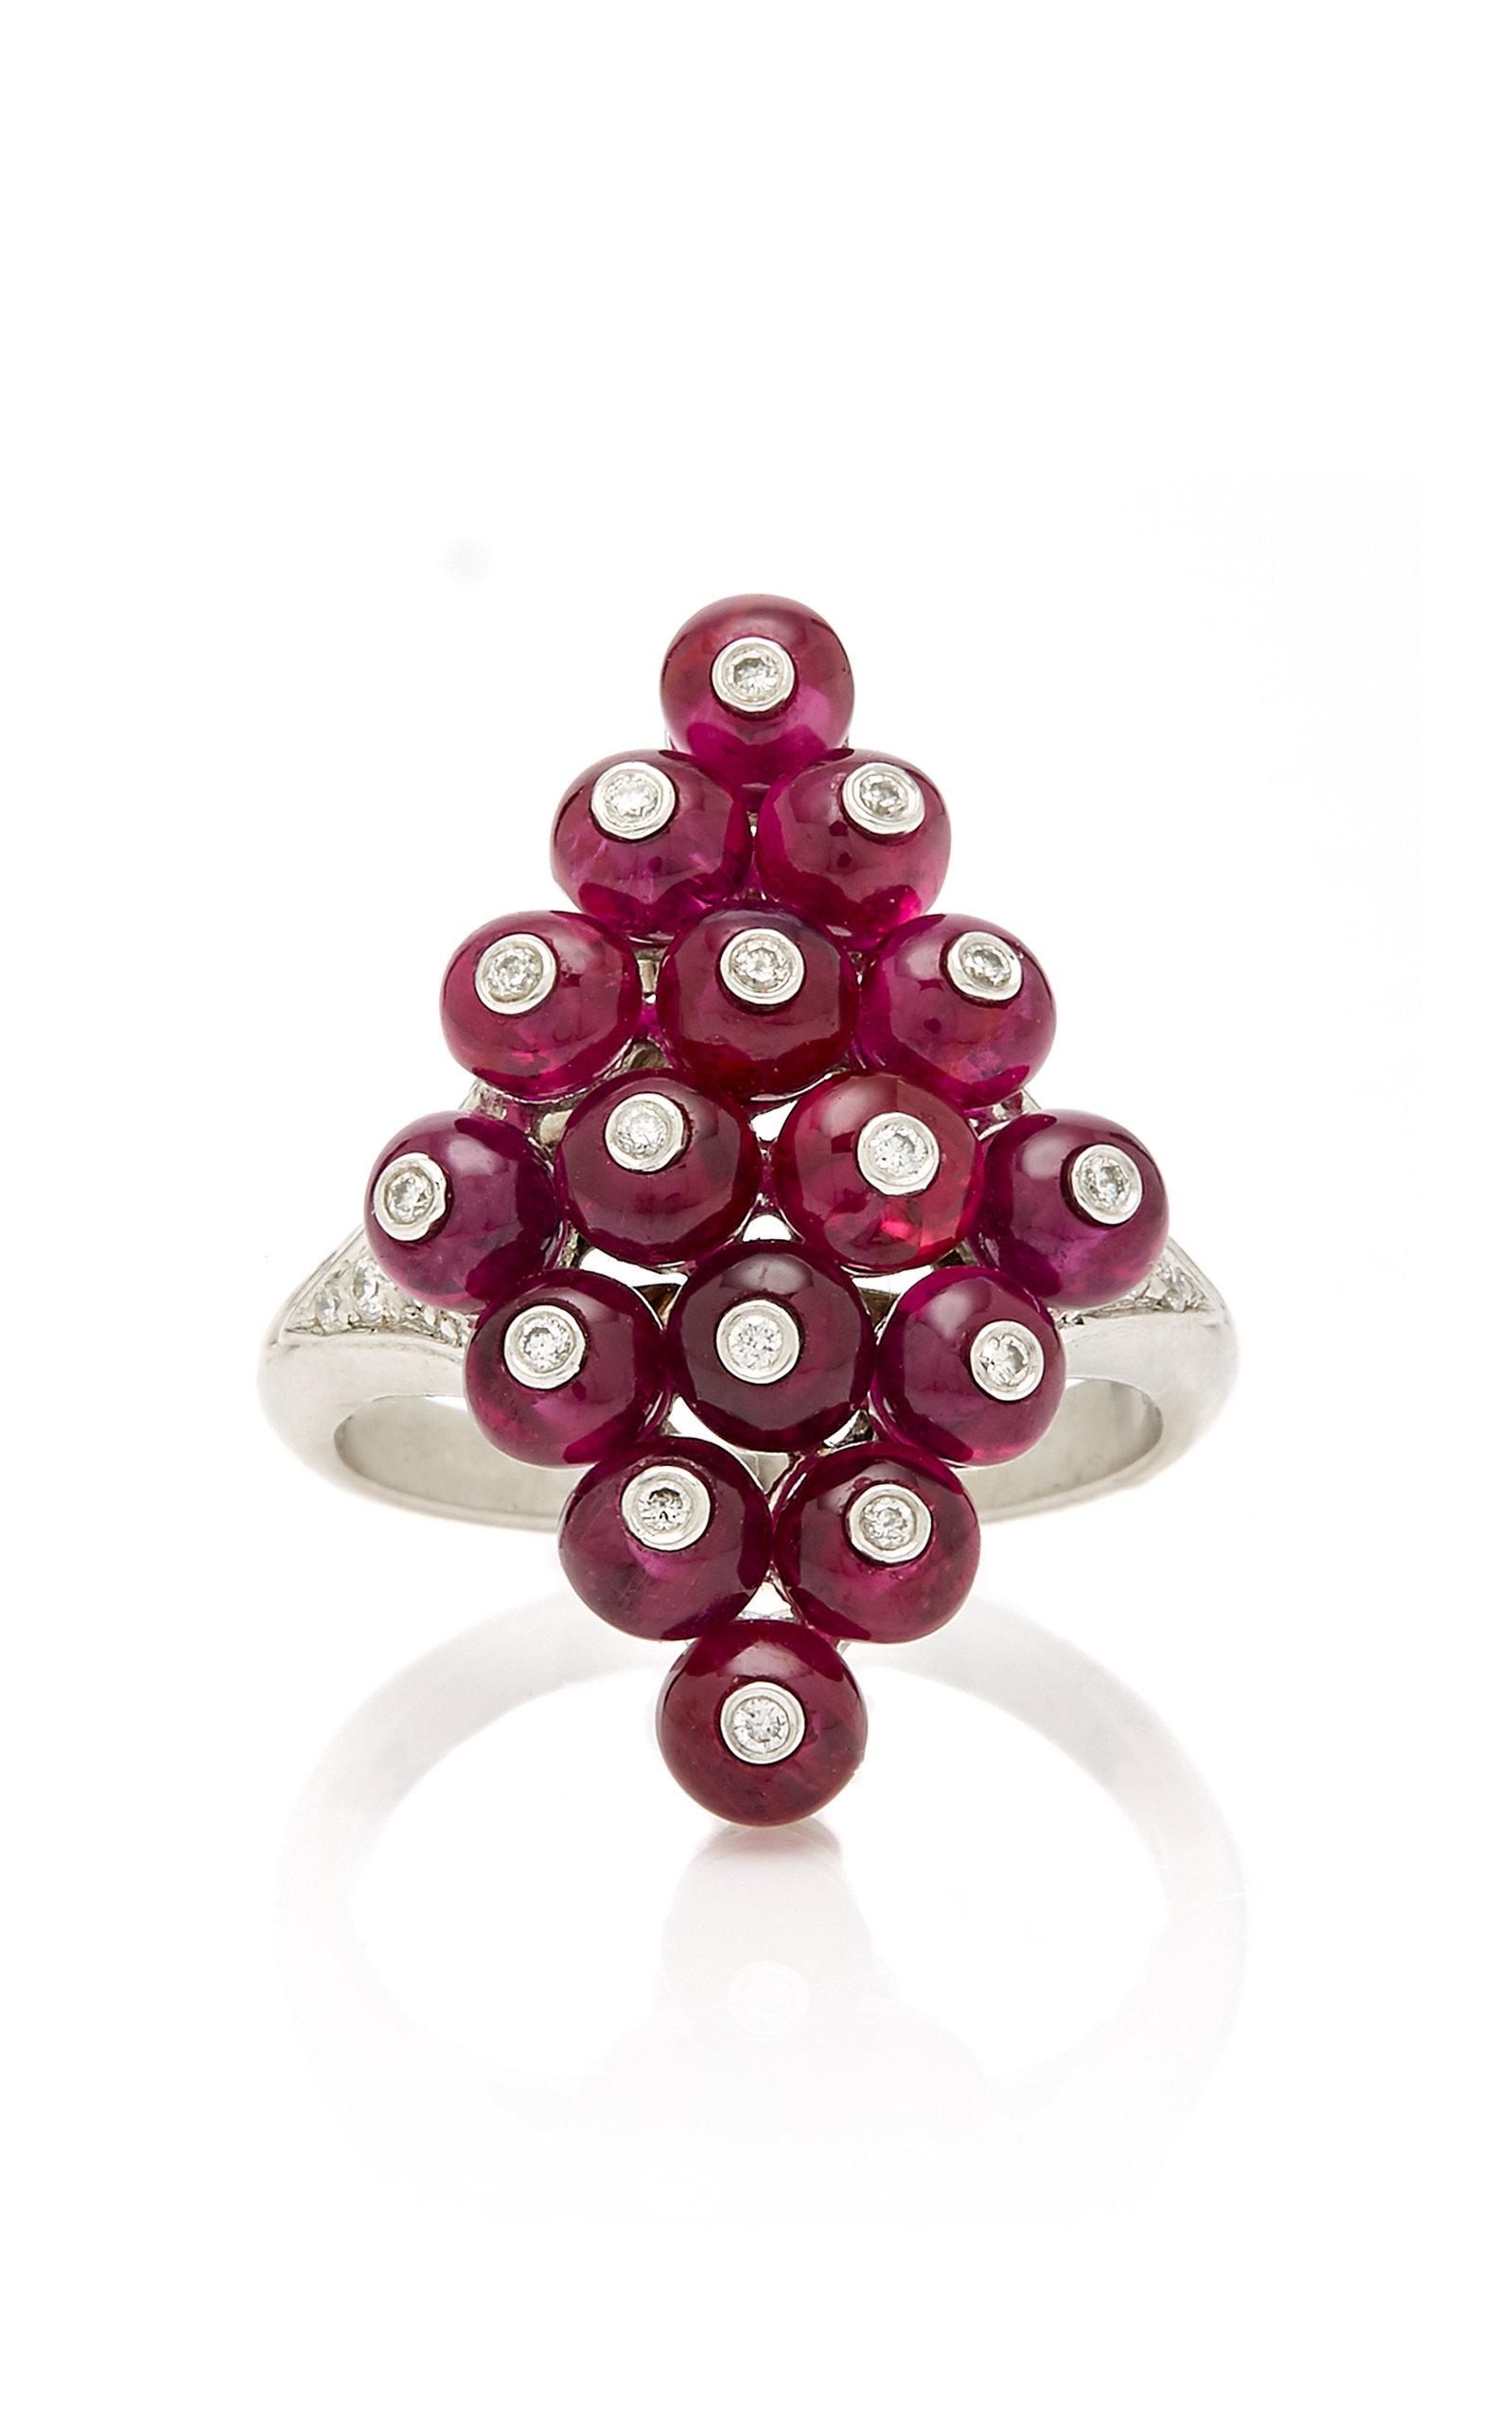 GOSHWARA Platinum Ruby And Diamond Ring in Red